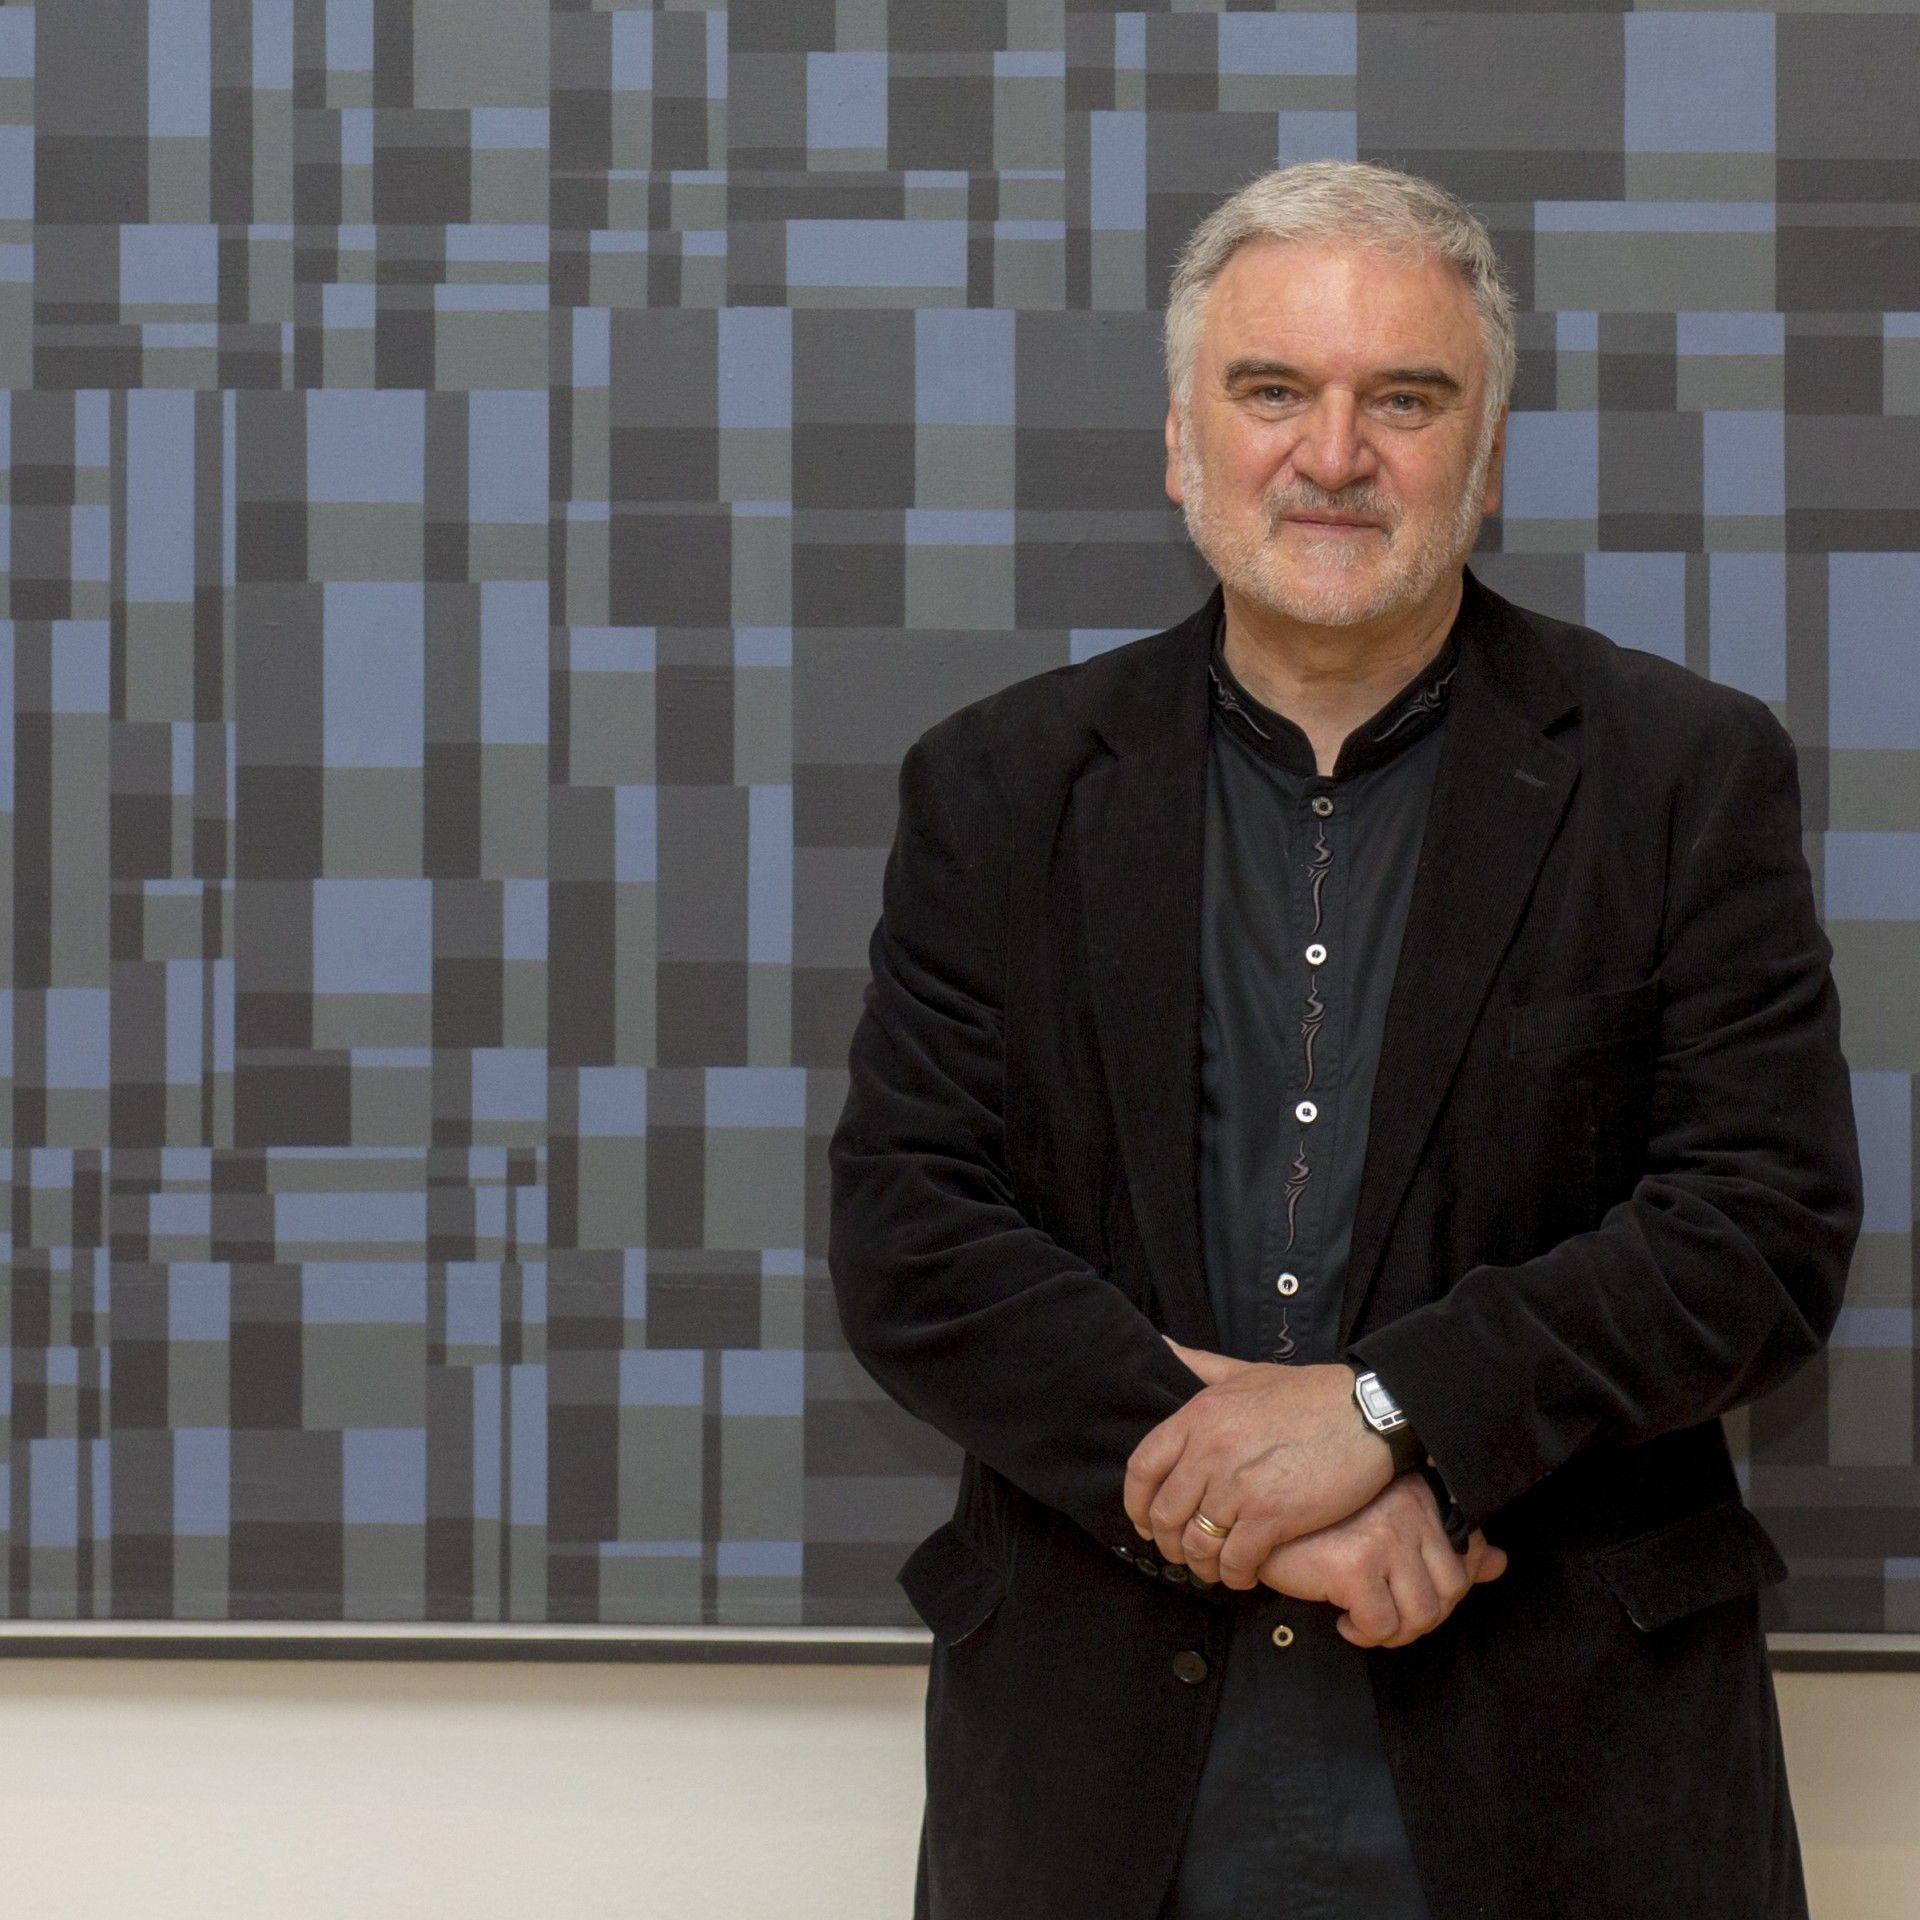 Jan Pamuła: Průkopník počítačového umění v Polsku